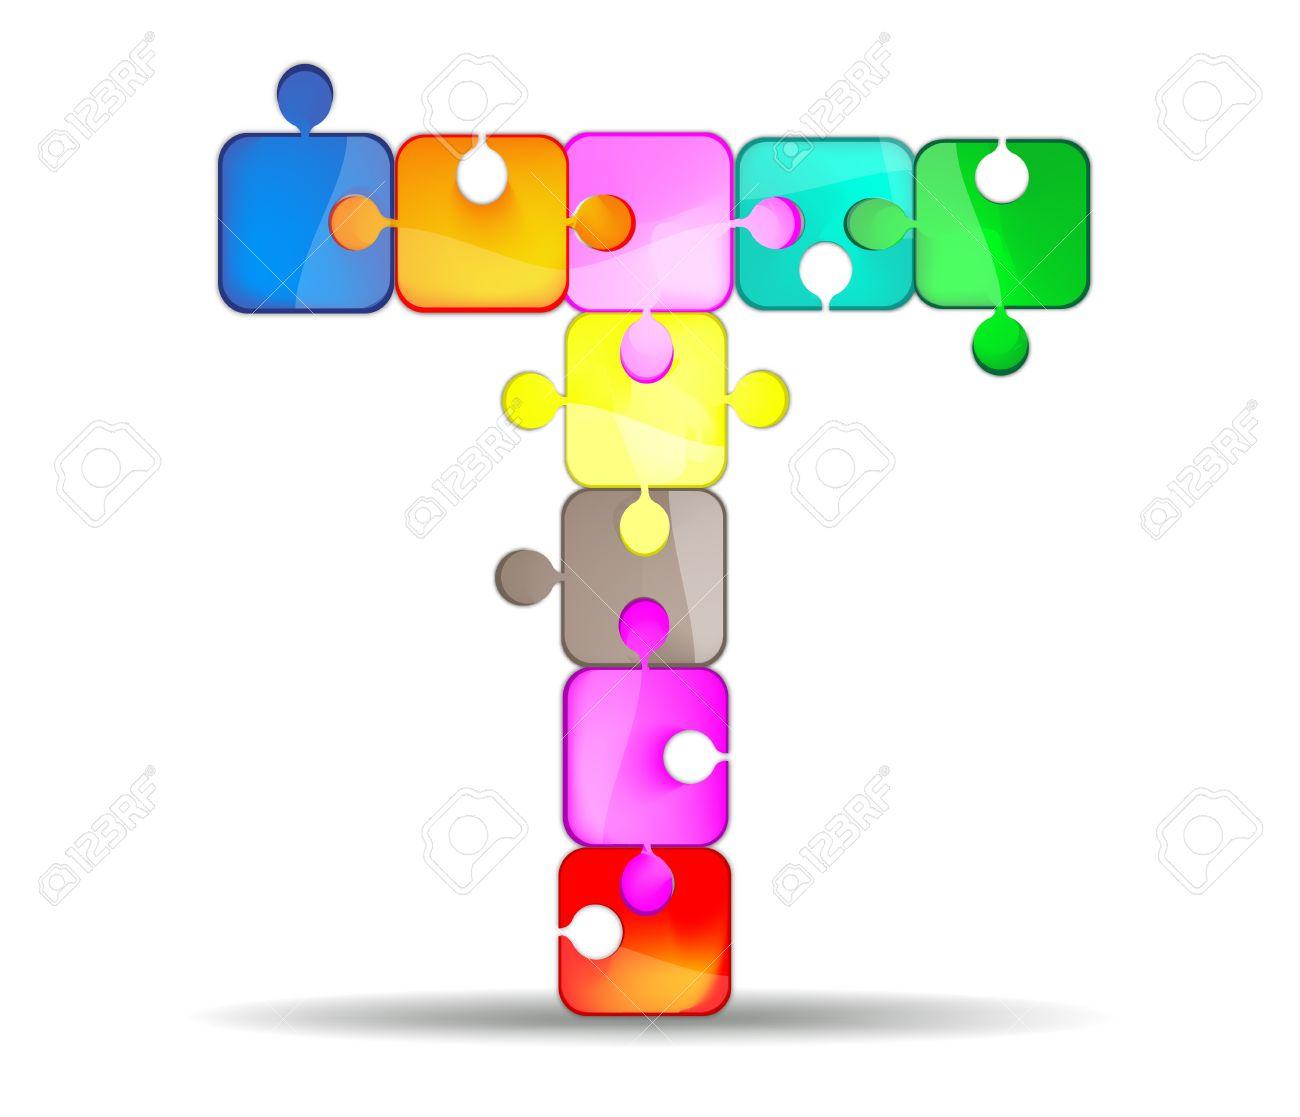 La Lettre T Avec Casse-tête Coloré Clip Art Libres De Droits ...